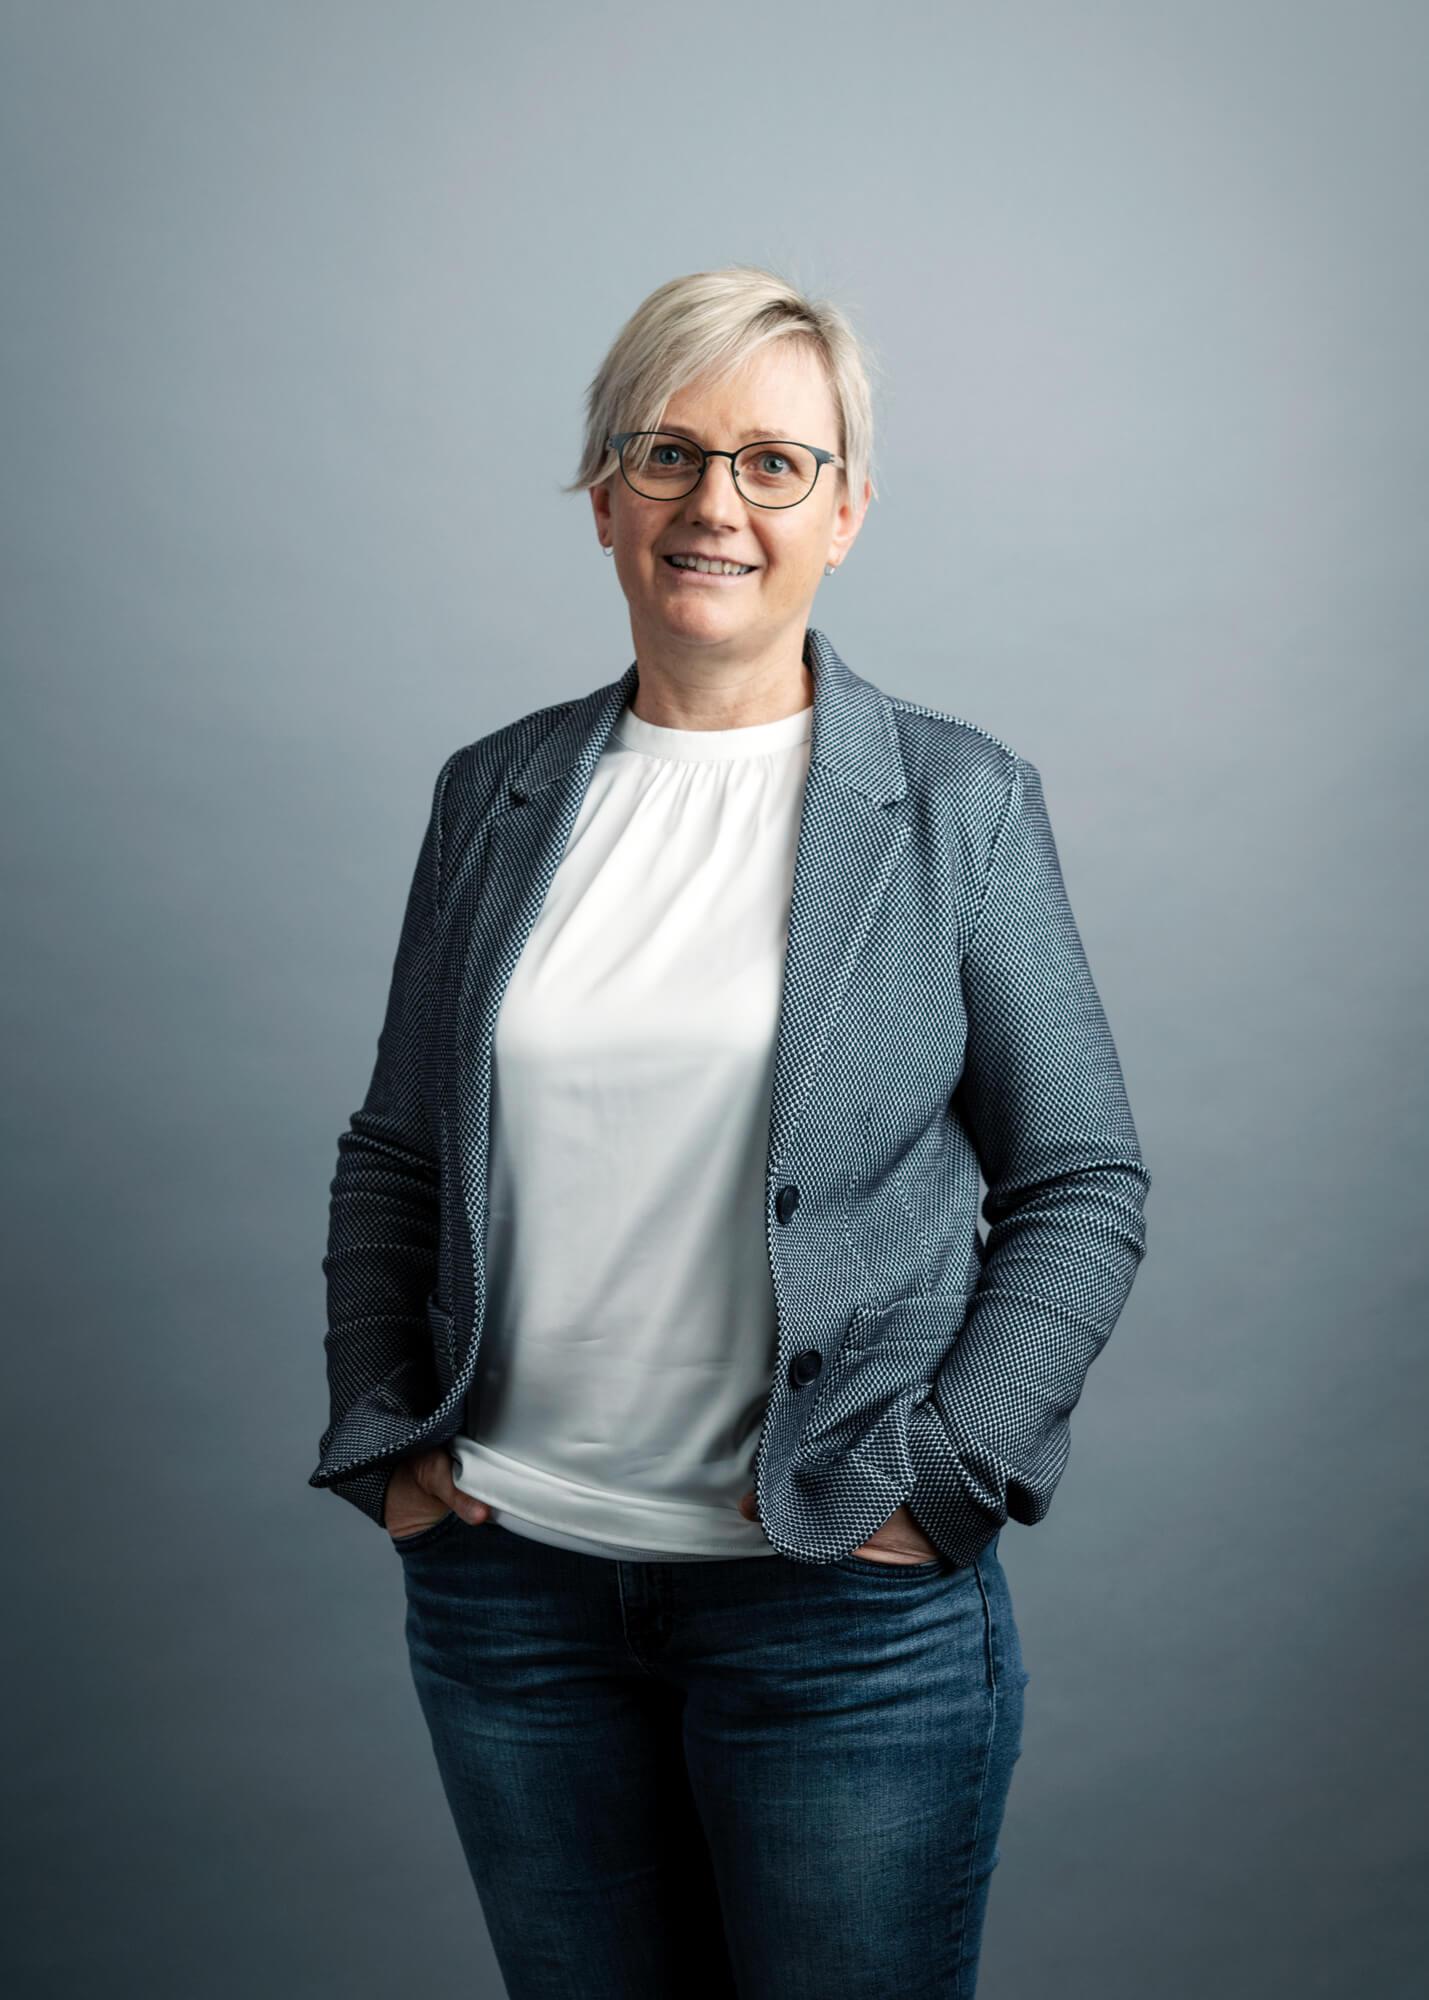 Viktoria Mauerhofer-Riegler